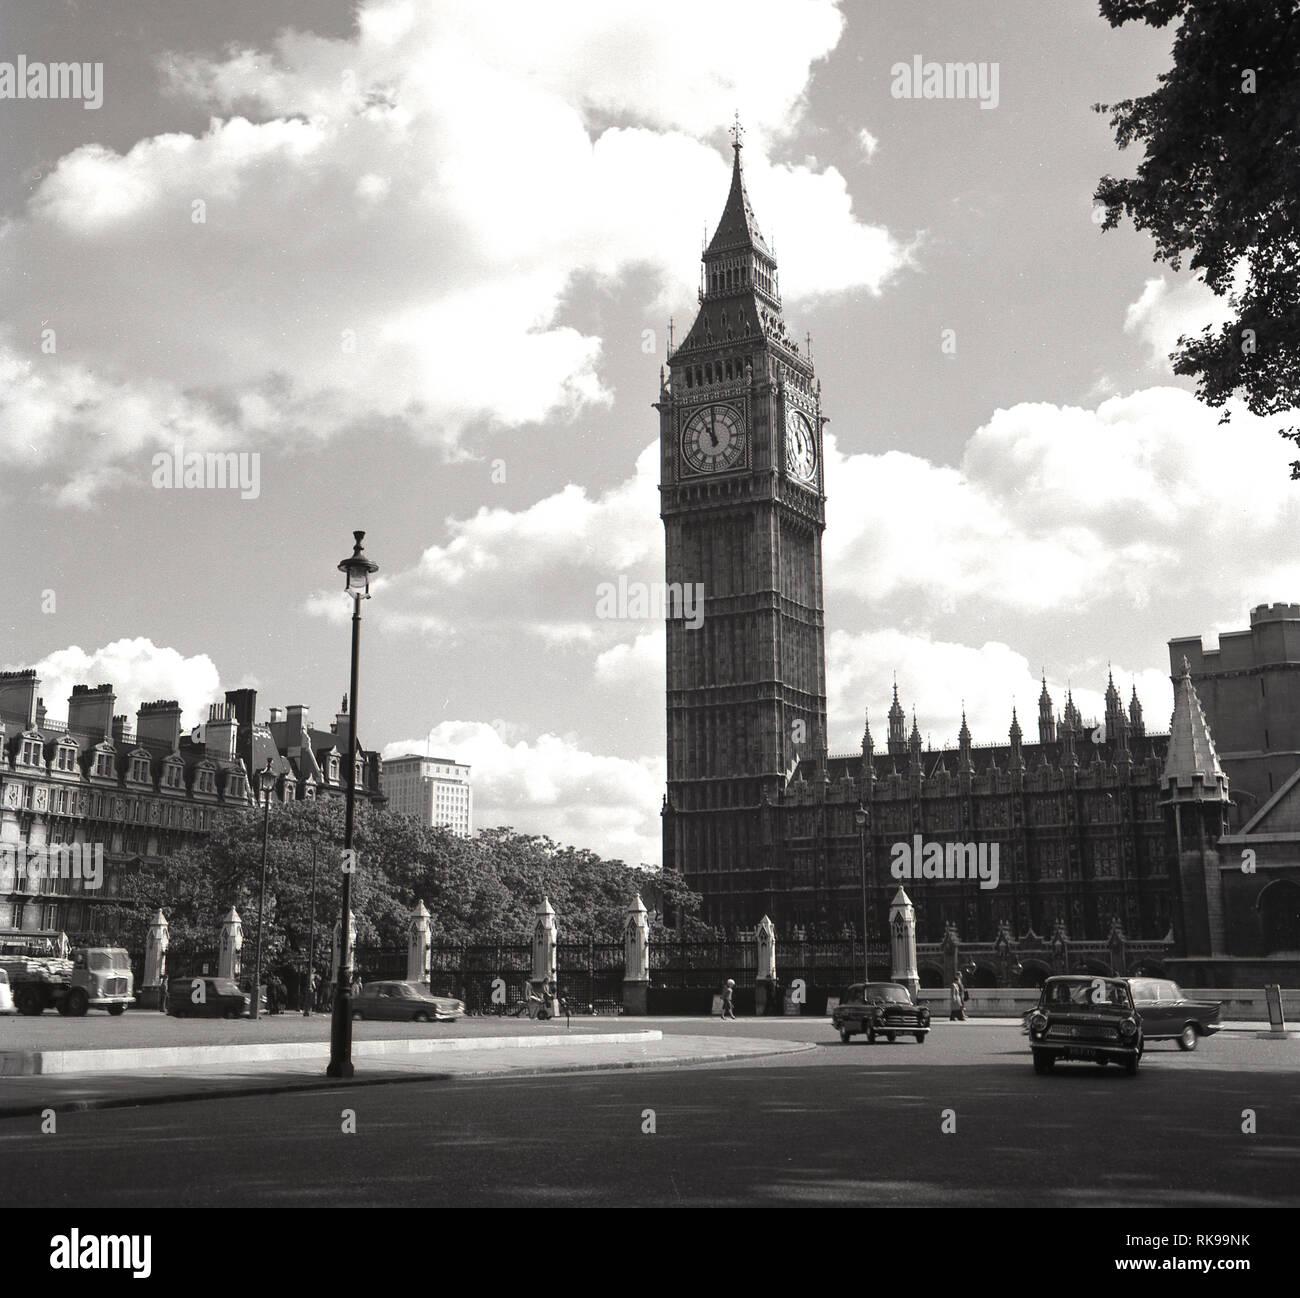 Anni sessanta, storico, autovetture andando attorno a Piazza del Parlamento accanto al Elizabeth o Torre dell Orologio Come si è precedentemente noto, all'estremità settentrionale del Palazzo di Westminster, la casa del governo del Regno Unito. Stabilite da Sir John Barry in 1868, Piazza del Parlamento divenne Bretagna la prima rotatoria nel 1926. La torre, a cui si fa riferimento anche come 'Big Ben', è stato progettato da Augusto Pugin, un architetto inglese noto per il suo lavoro nel revival gotico stile di architettura e quando completato nel 1859 è stato il più grande orologio rintocchi nel mondo. Immagini Stock